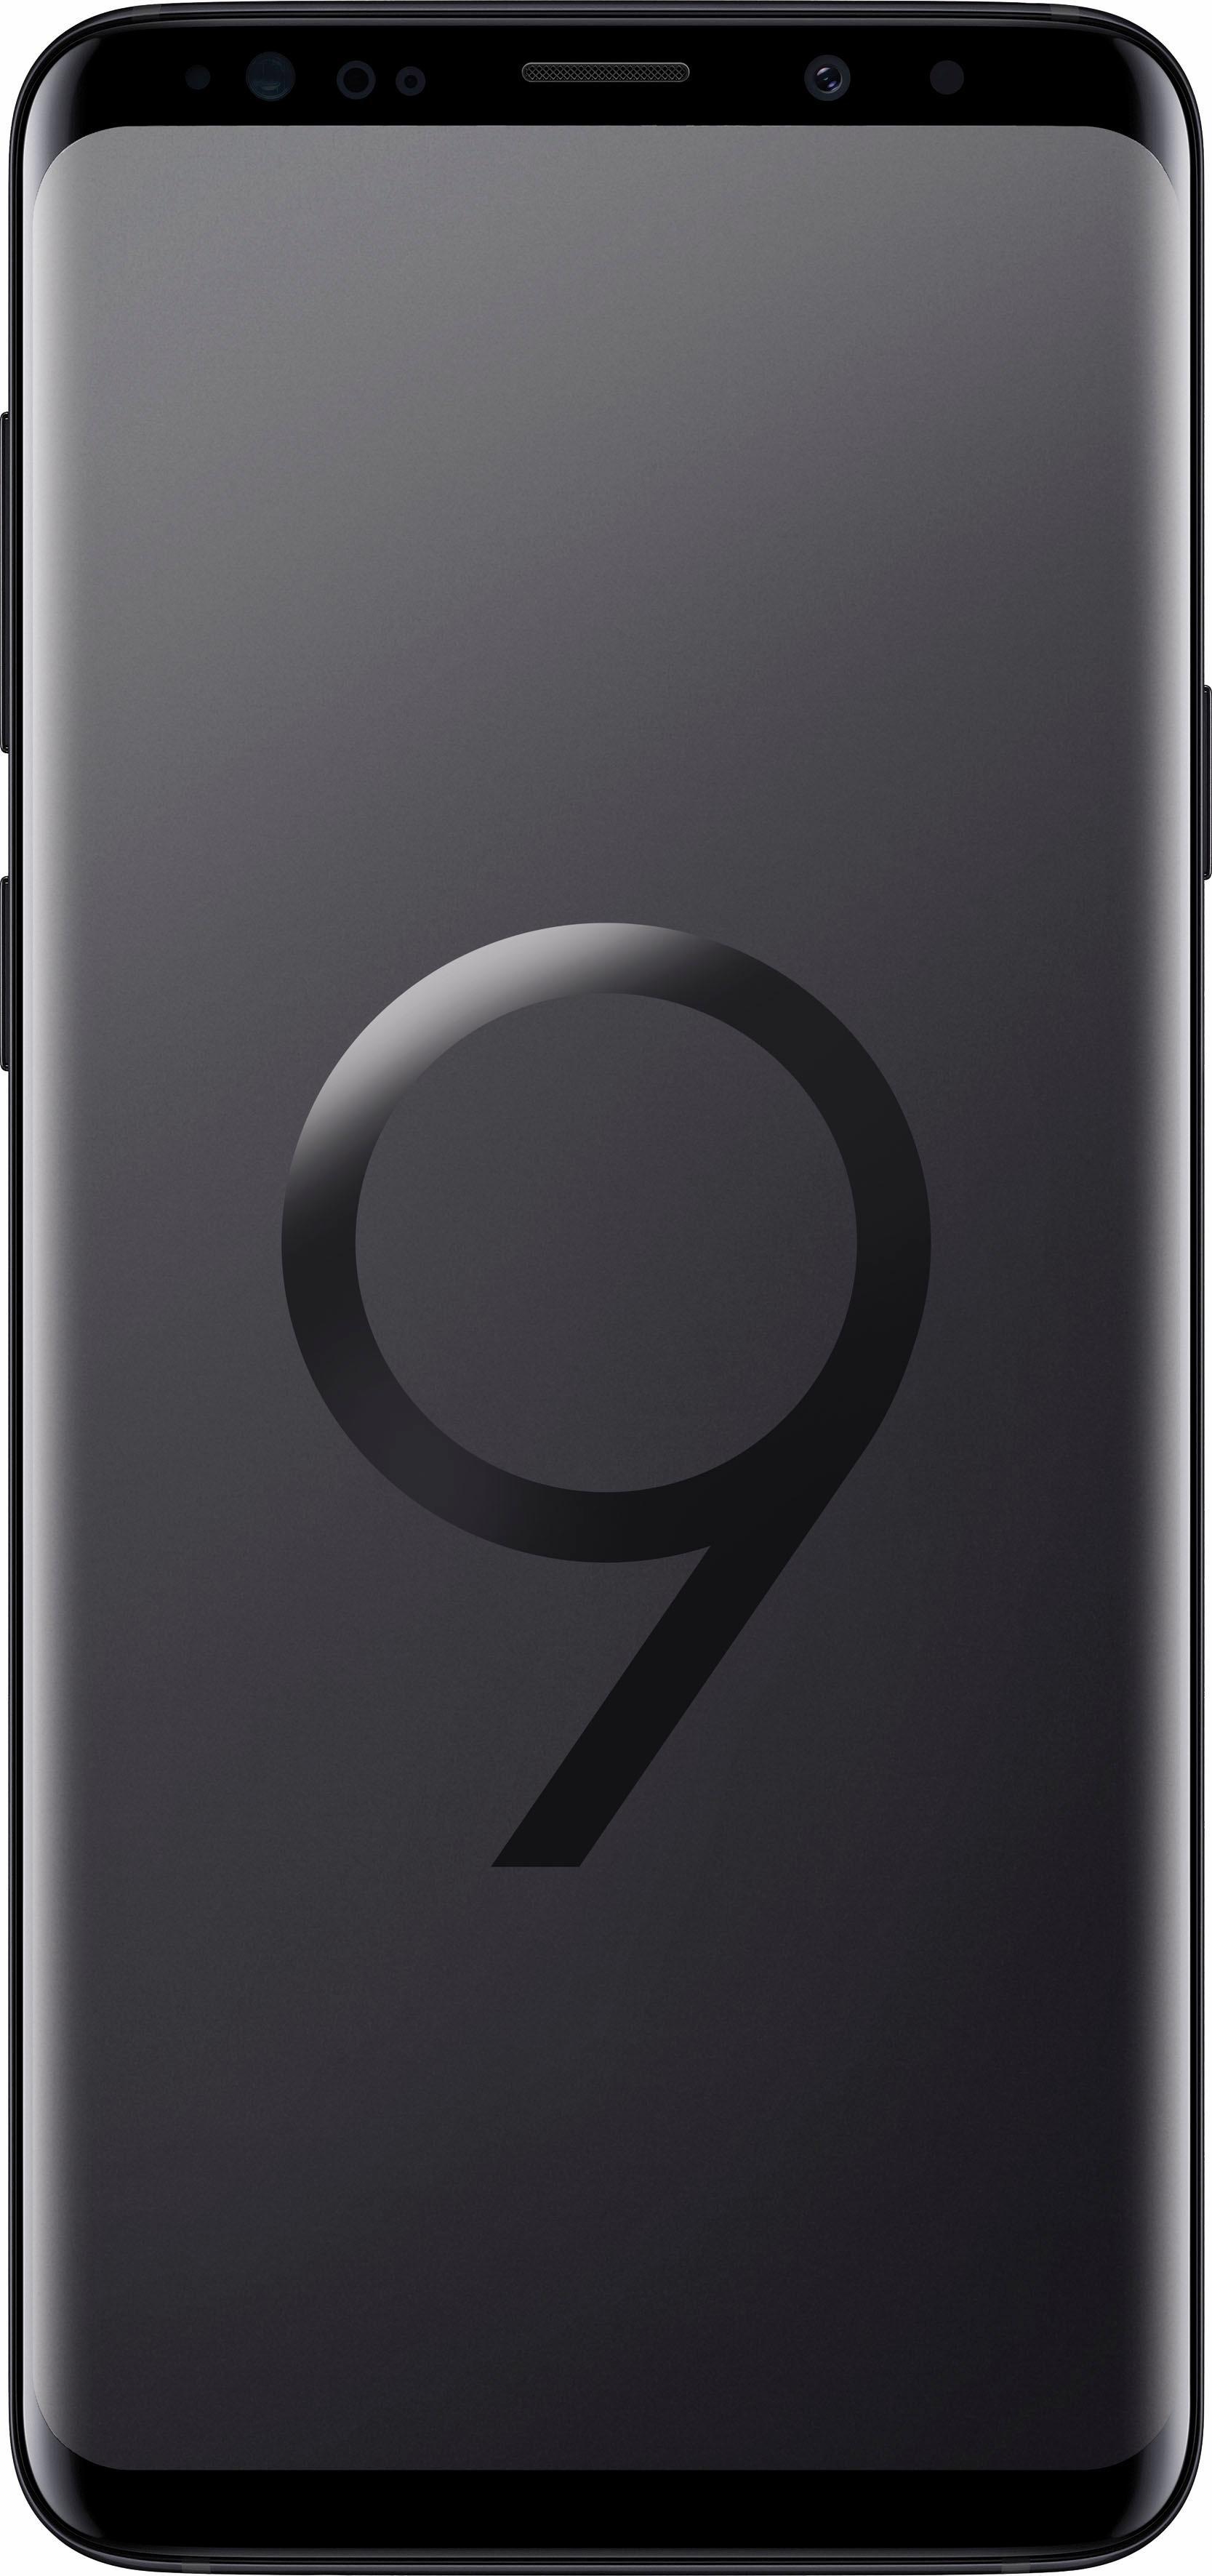 SAMSUNG Galaxy S9+ dualsim-smartphone (15,8 cm / 6,22 inch, 64 GB, 12MP-camera) nu online bestellen